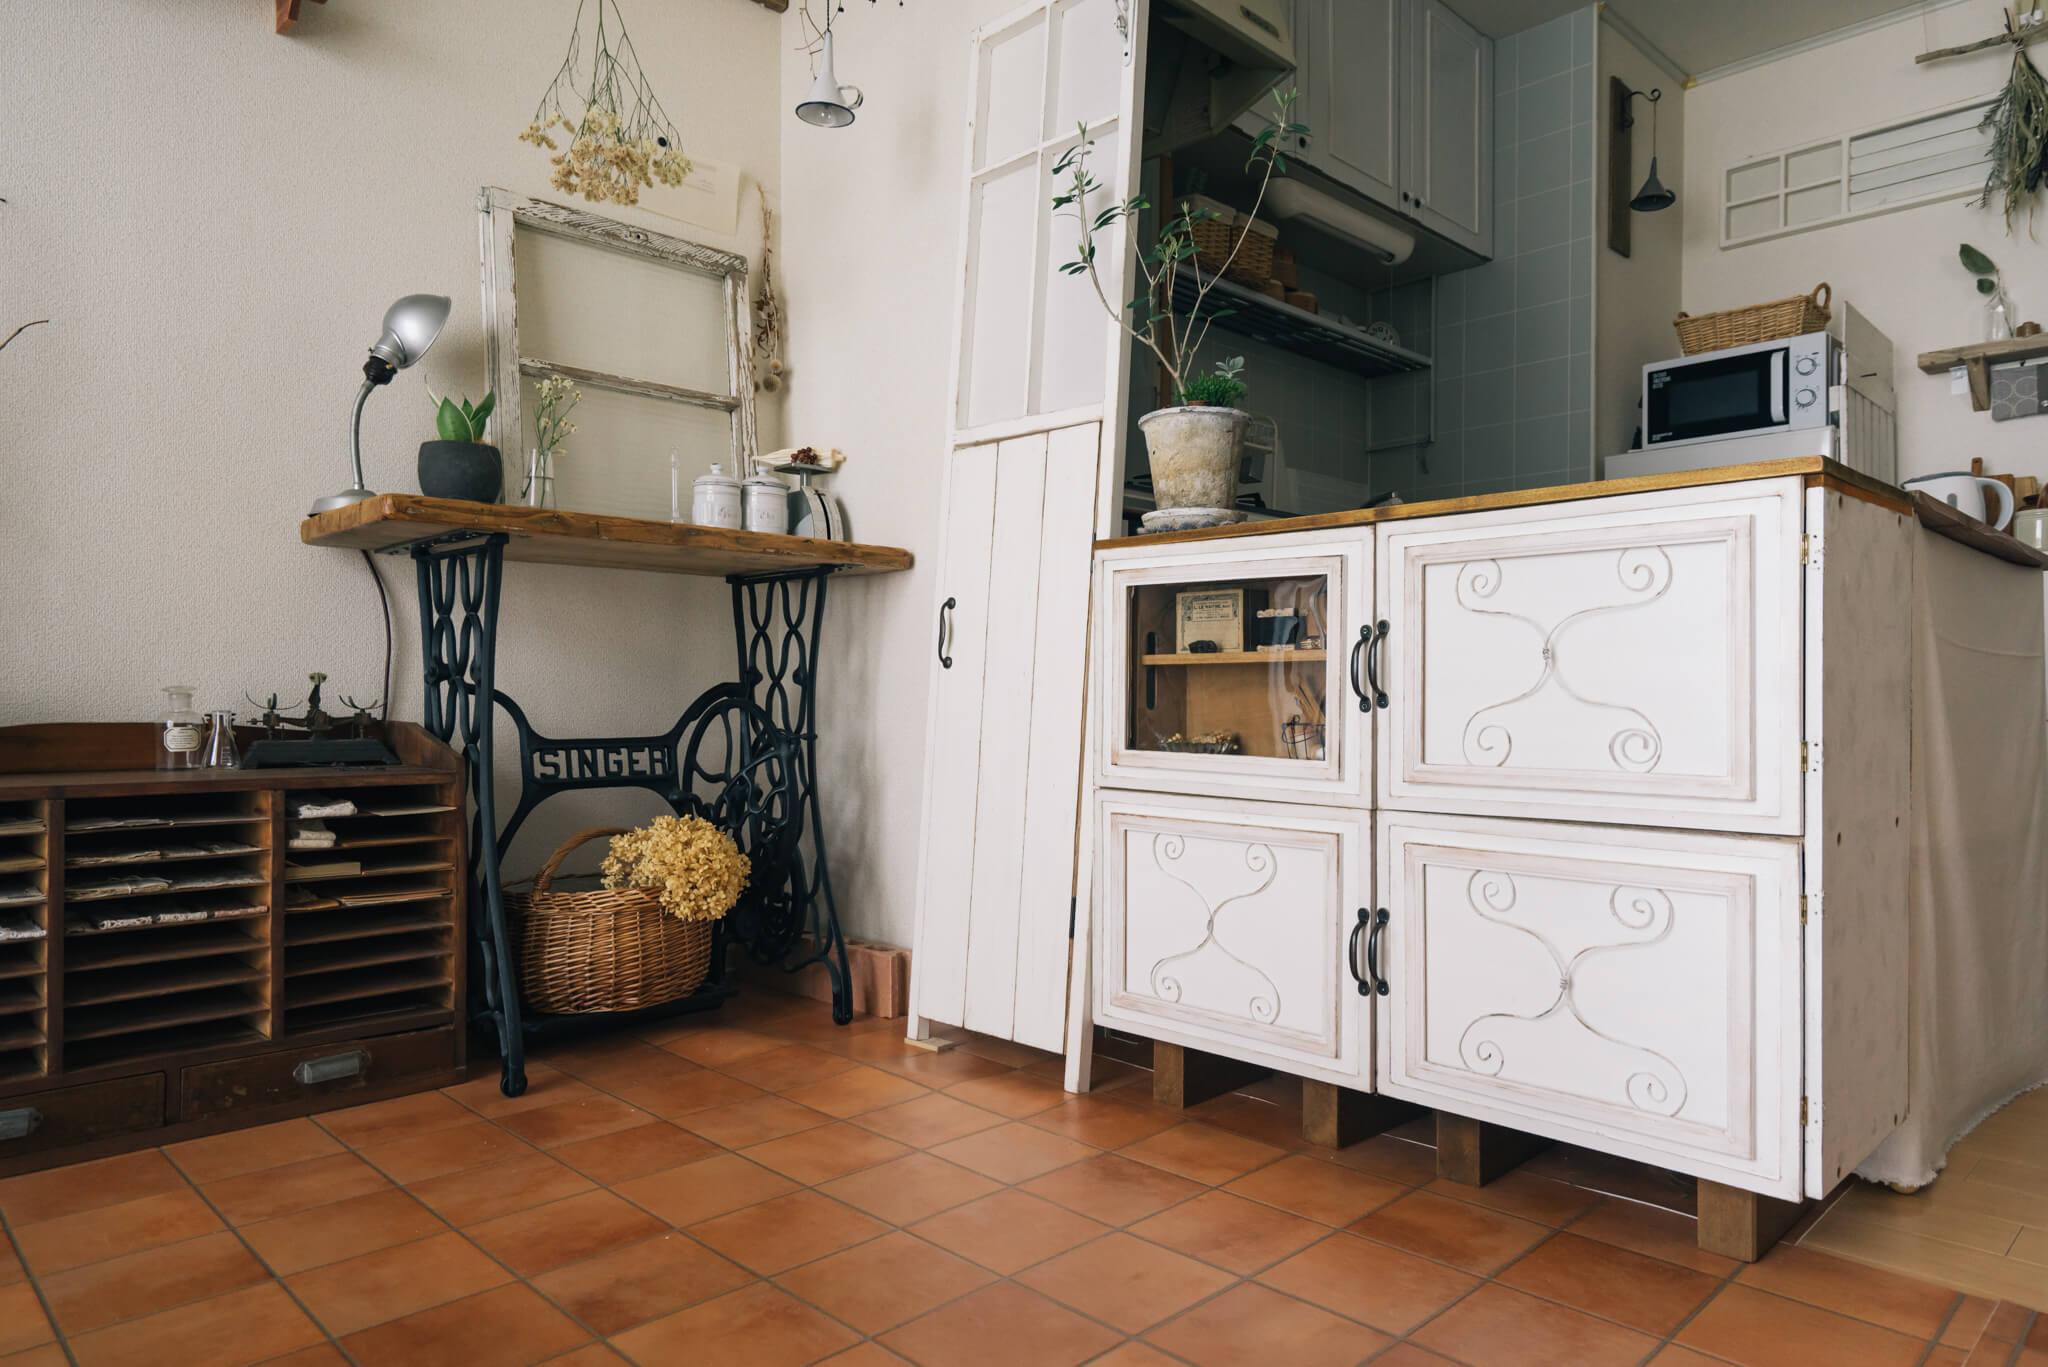 キッチンとリビングをいい感じに仕切っている白い棚は、なんと普通のカラーボックスを利用しているそう。